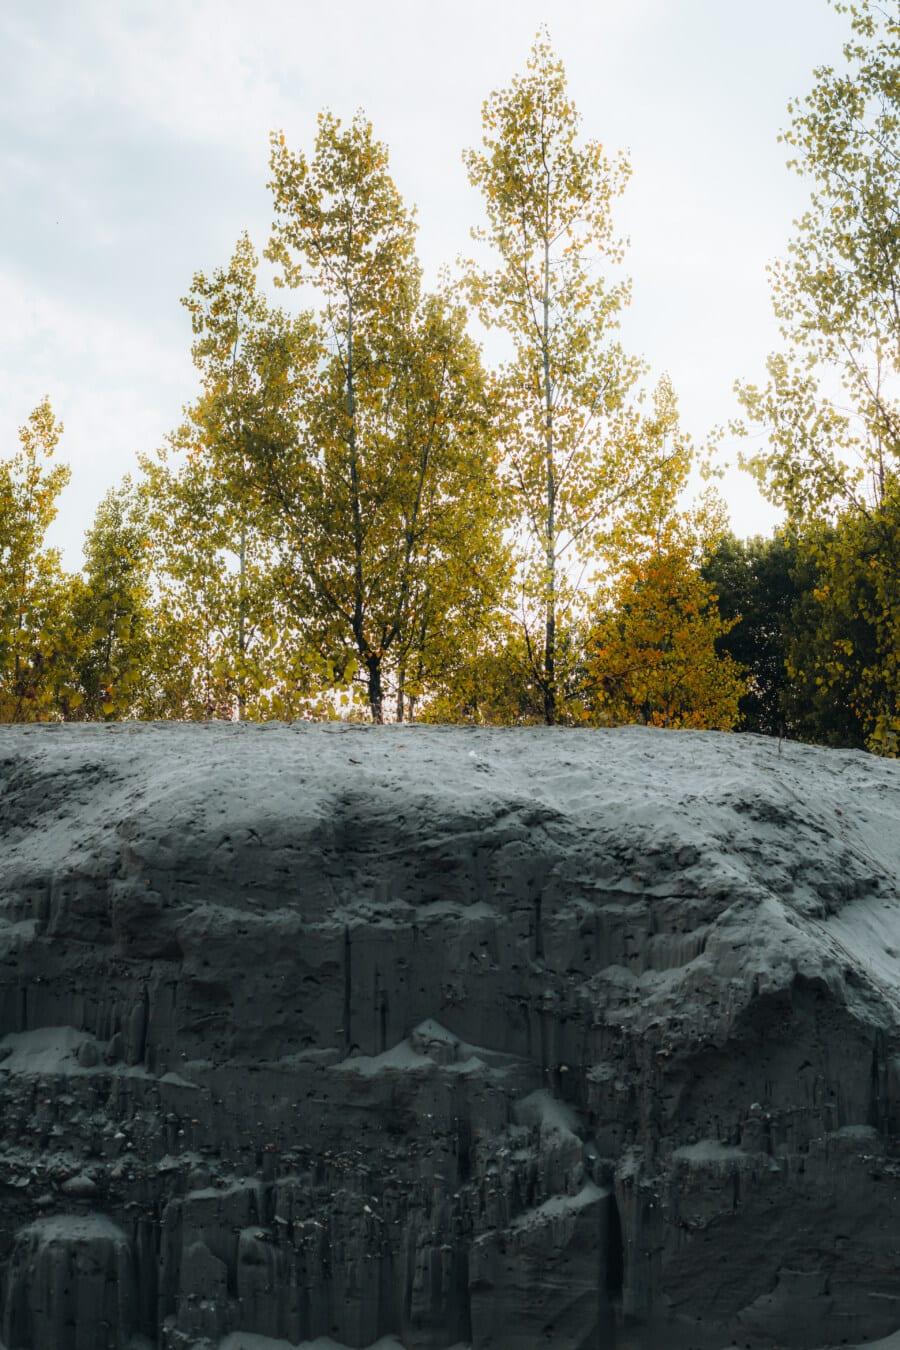 pijesak, dina, blatnjava ravnica, šuma, stabla, krajolik, vremenska prognoza, drvo, priroda, na otvorenom